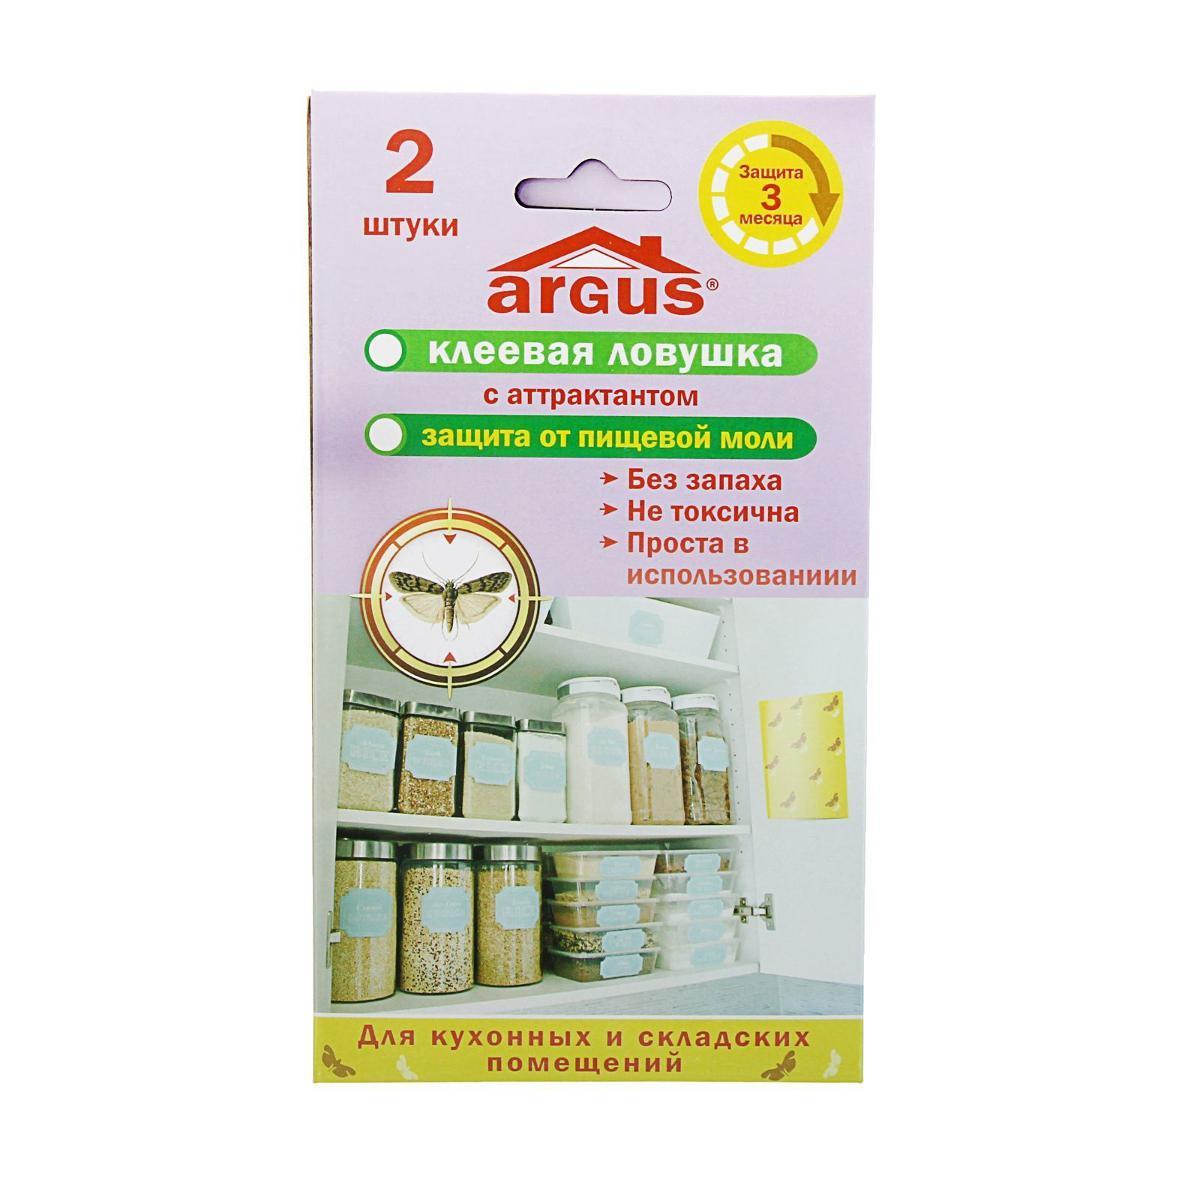 Ловушка для насекомых Argus СЗ.020019 торасемид сз 5мг 30 таблетки